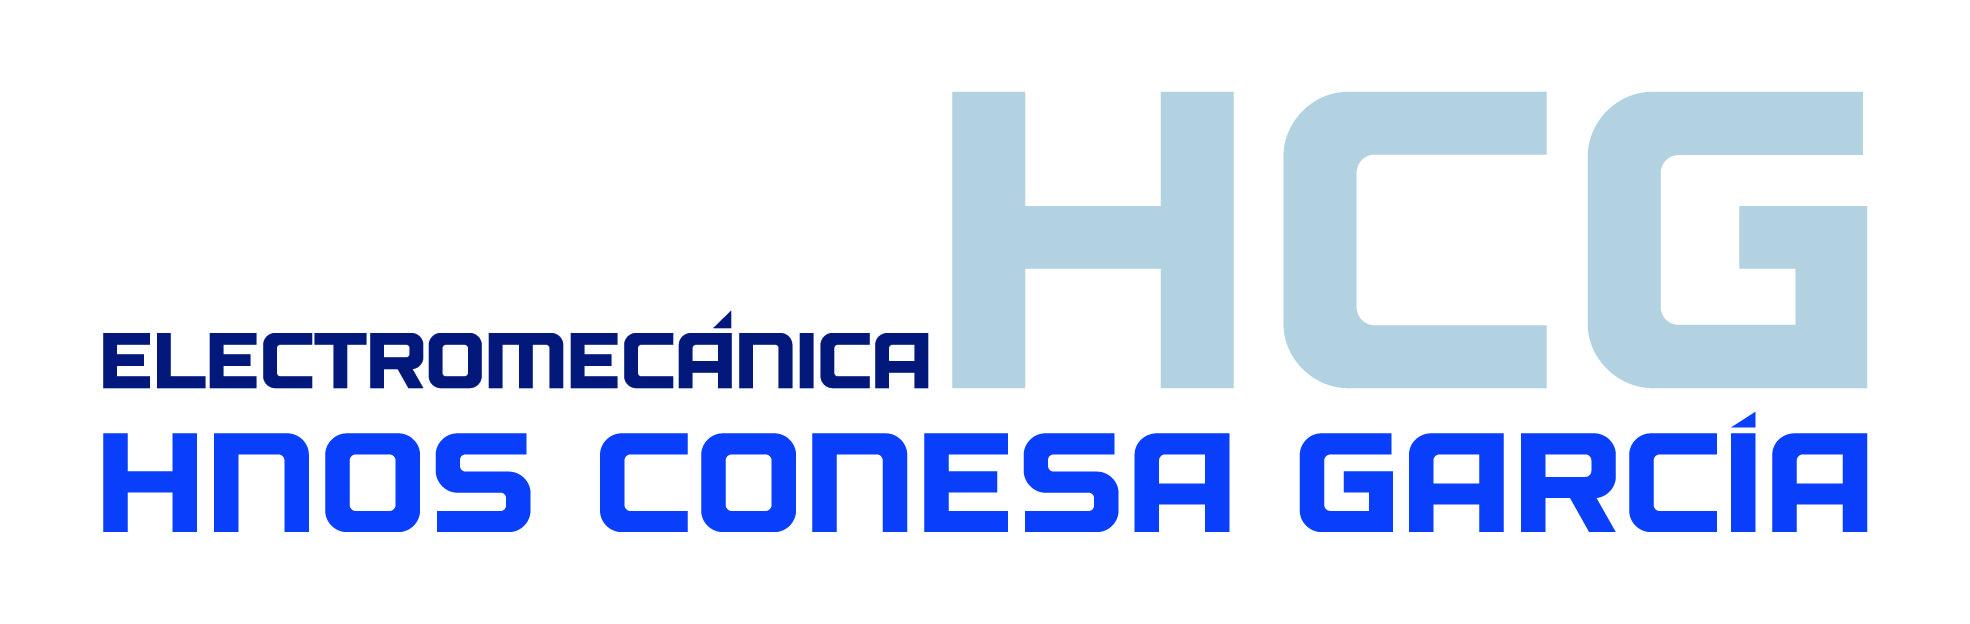 hcg-electromecanica-logo